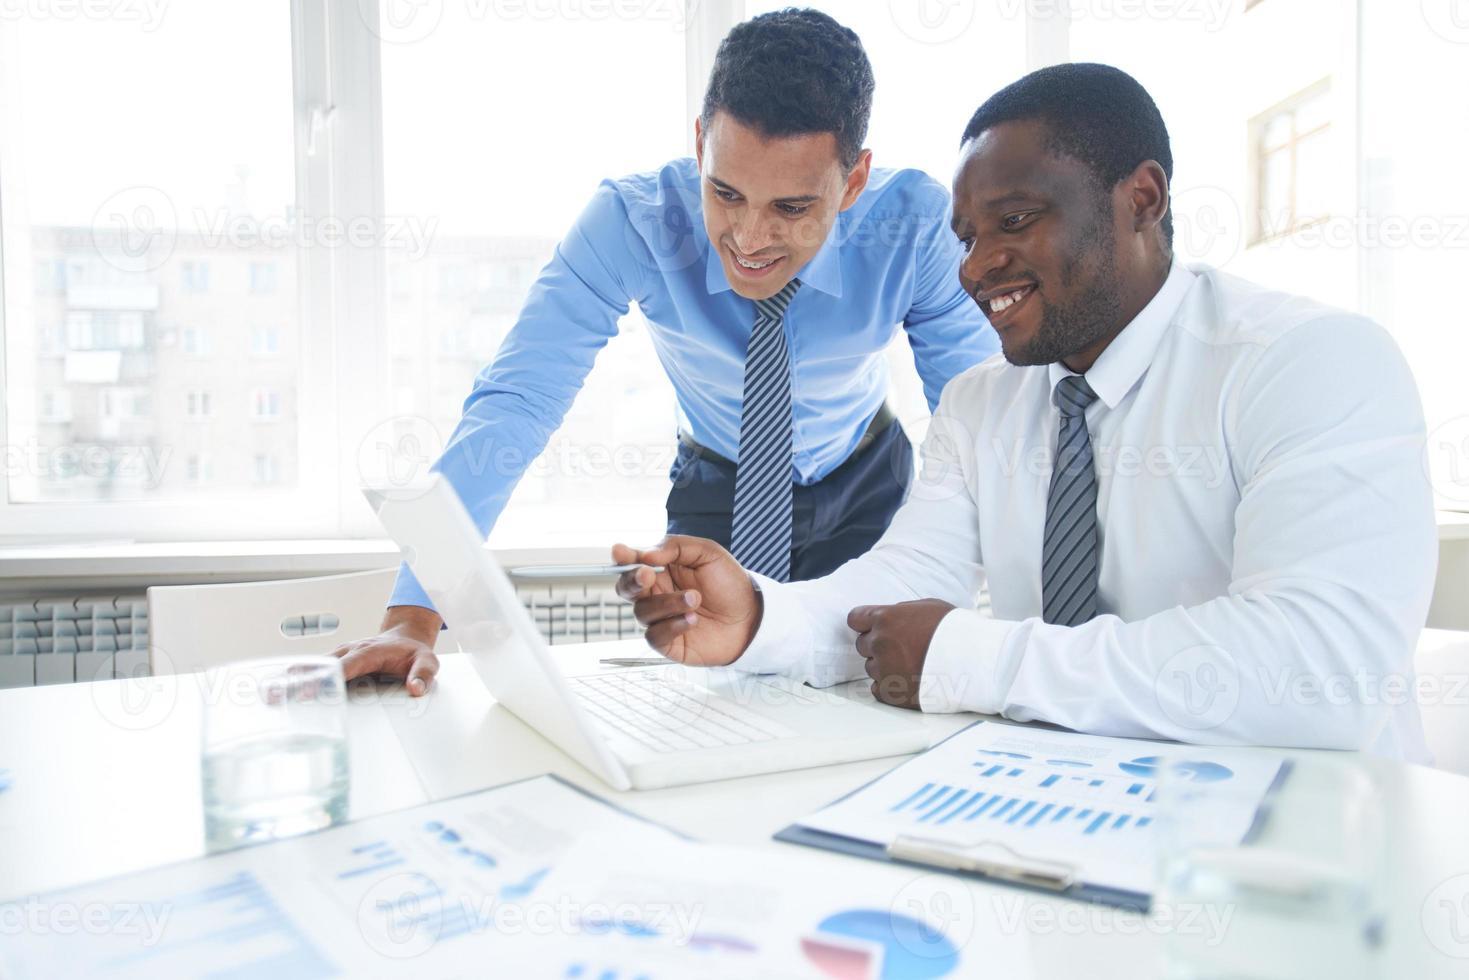 två affärsmän som arbetar på en bärbar dator i ett konferensrum foto